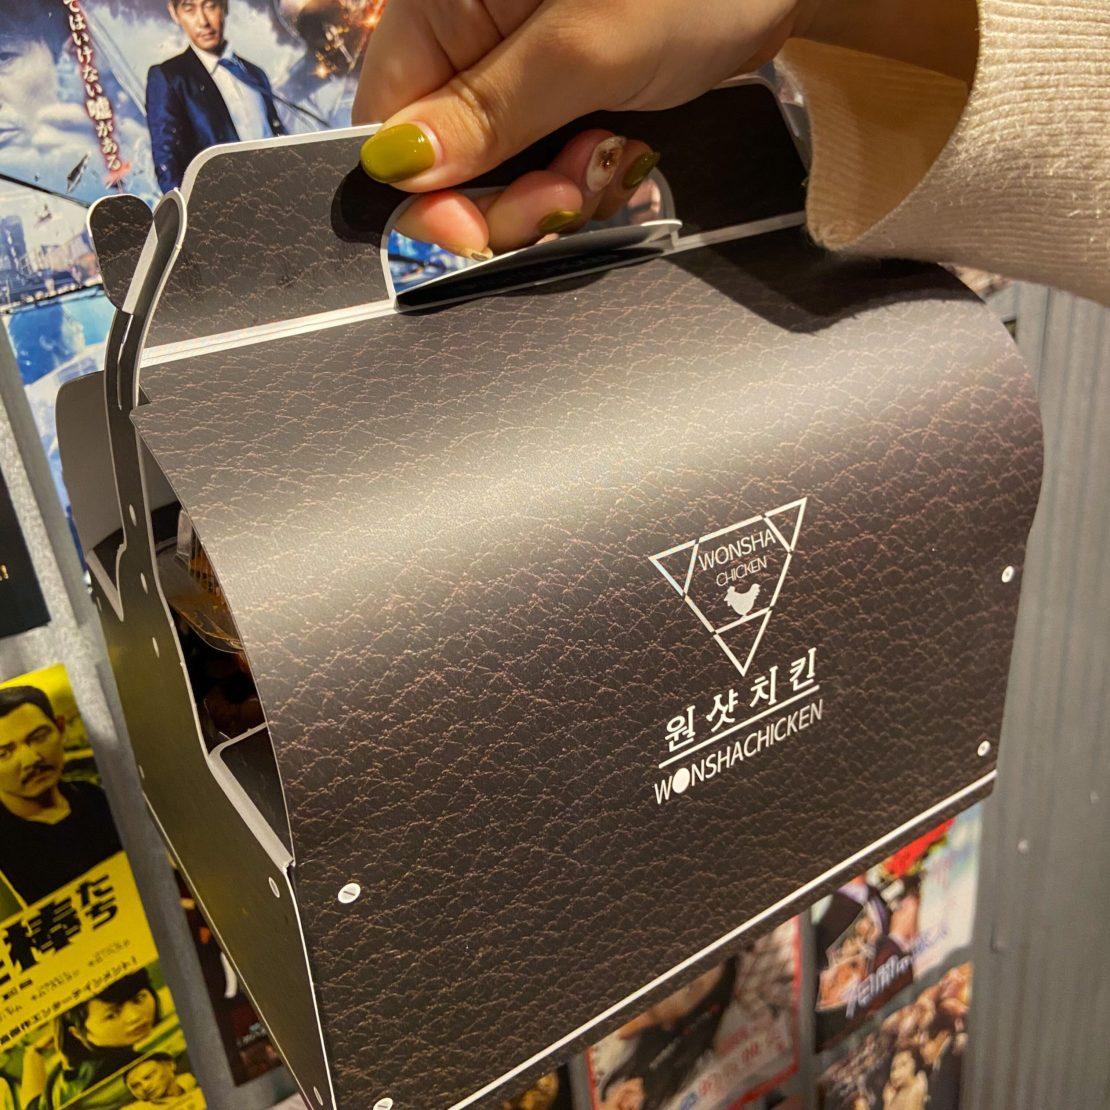 大人気の韓国チキンが味わえる「ウォンシャチキン&キンパ 新栄プレミアム店」でテイクアウト! - 3 2 1110x1110